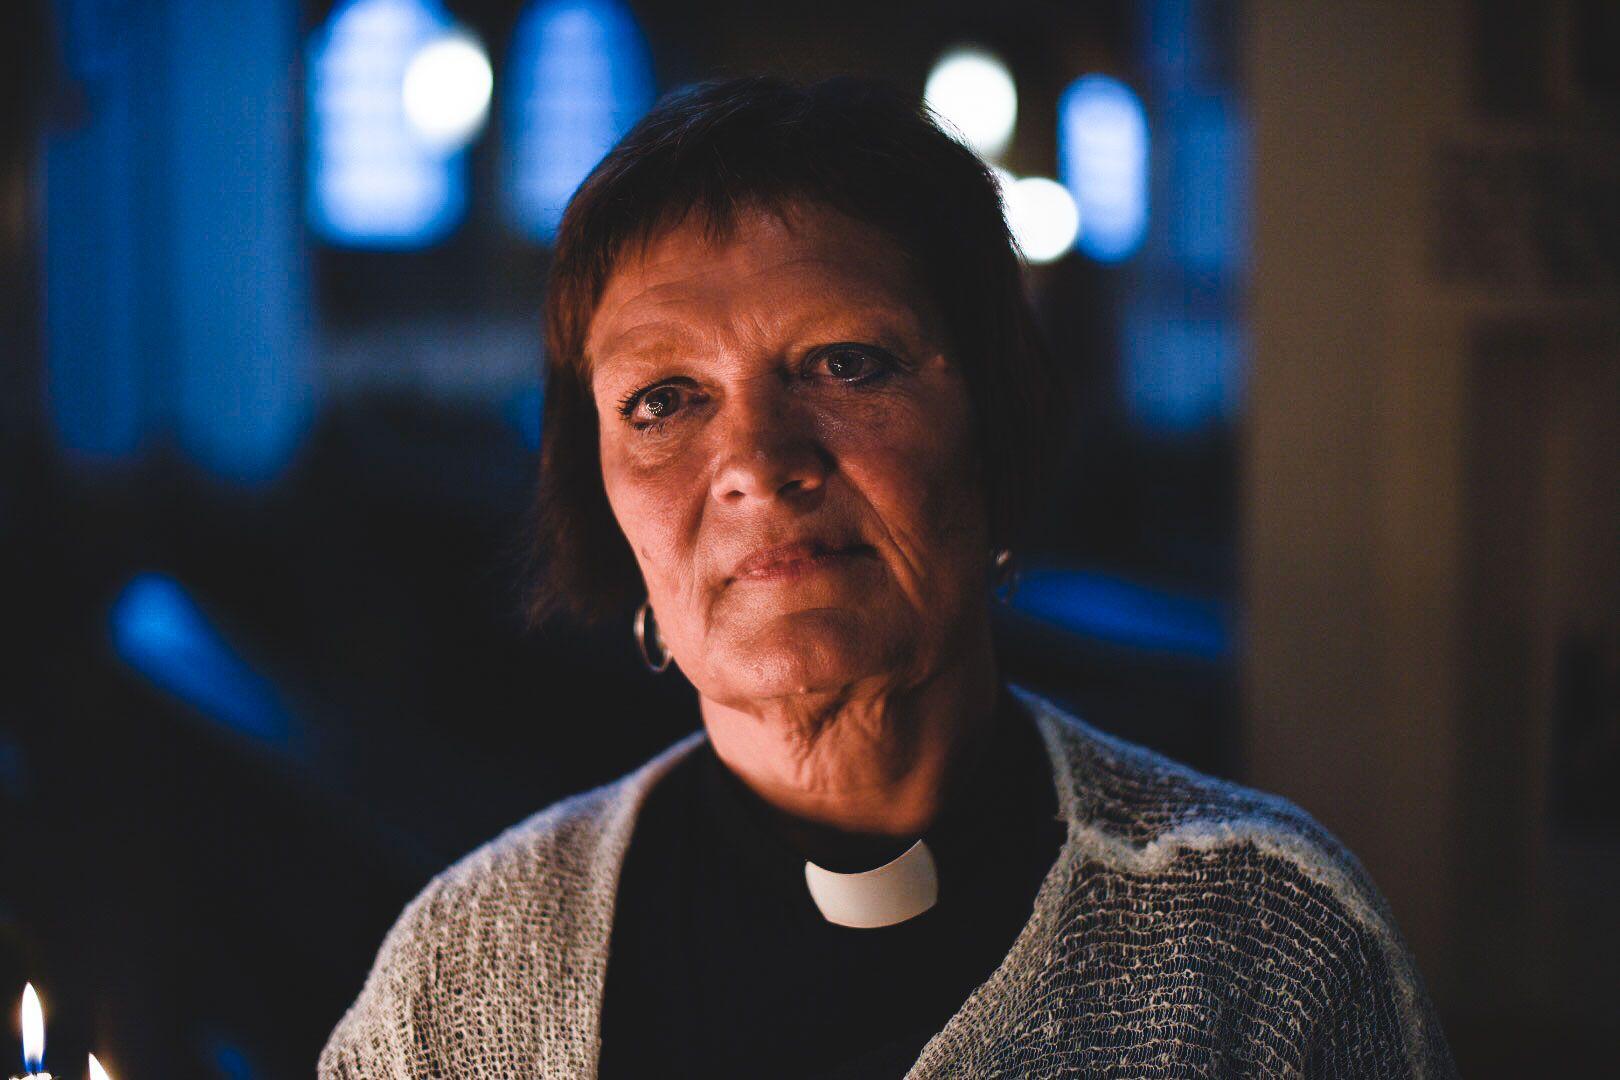 PREGET: Prest Ingrid Holmström Pavaal ledet minnegudstjenesten i Umeå mandag kveld.